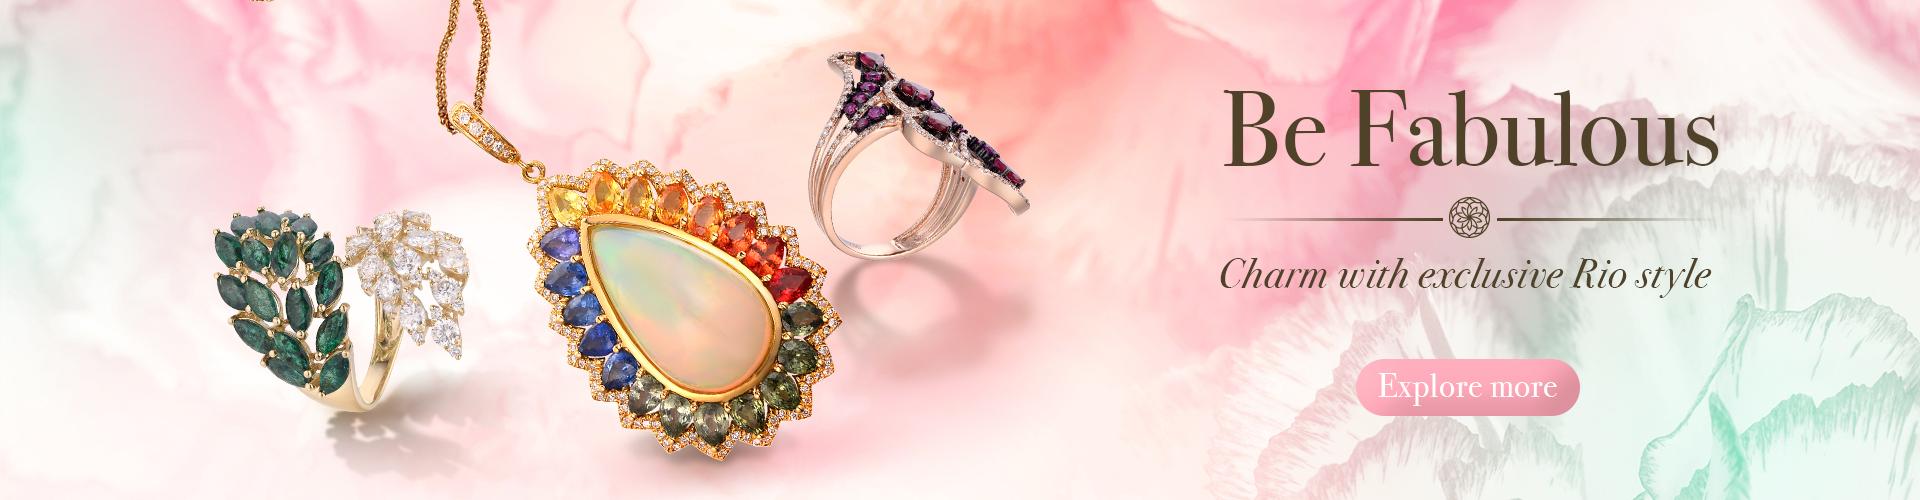 Diamond Rings, Jewellery Online Singapore | Rio Diamond